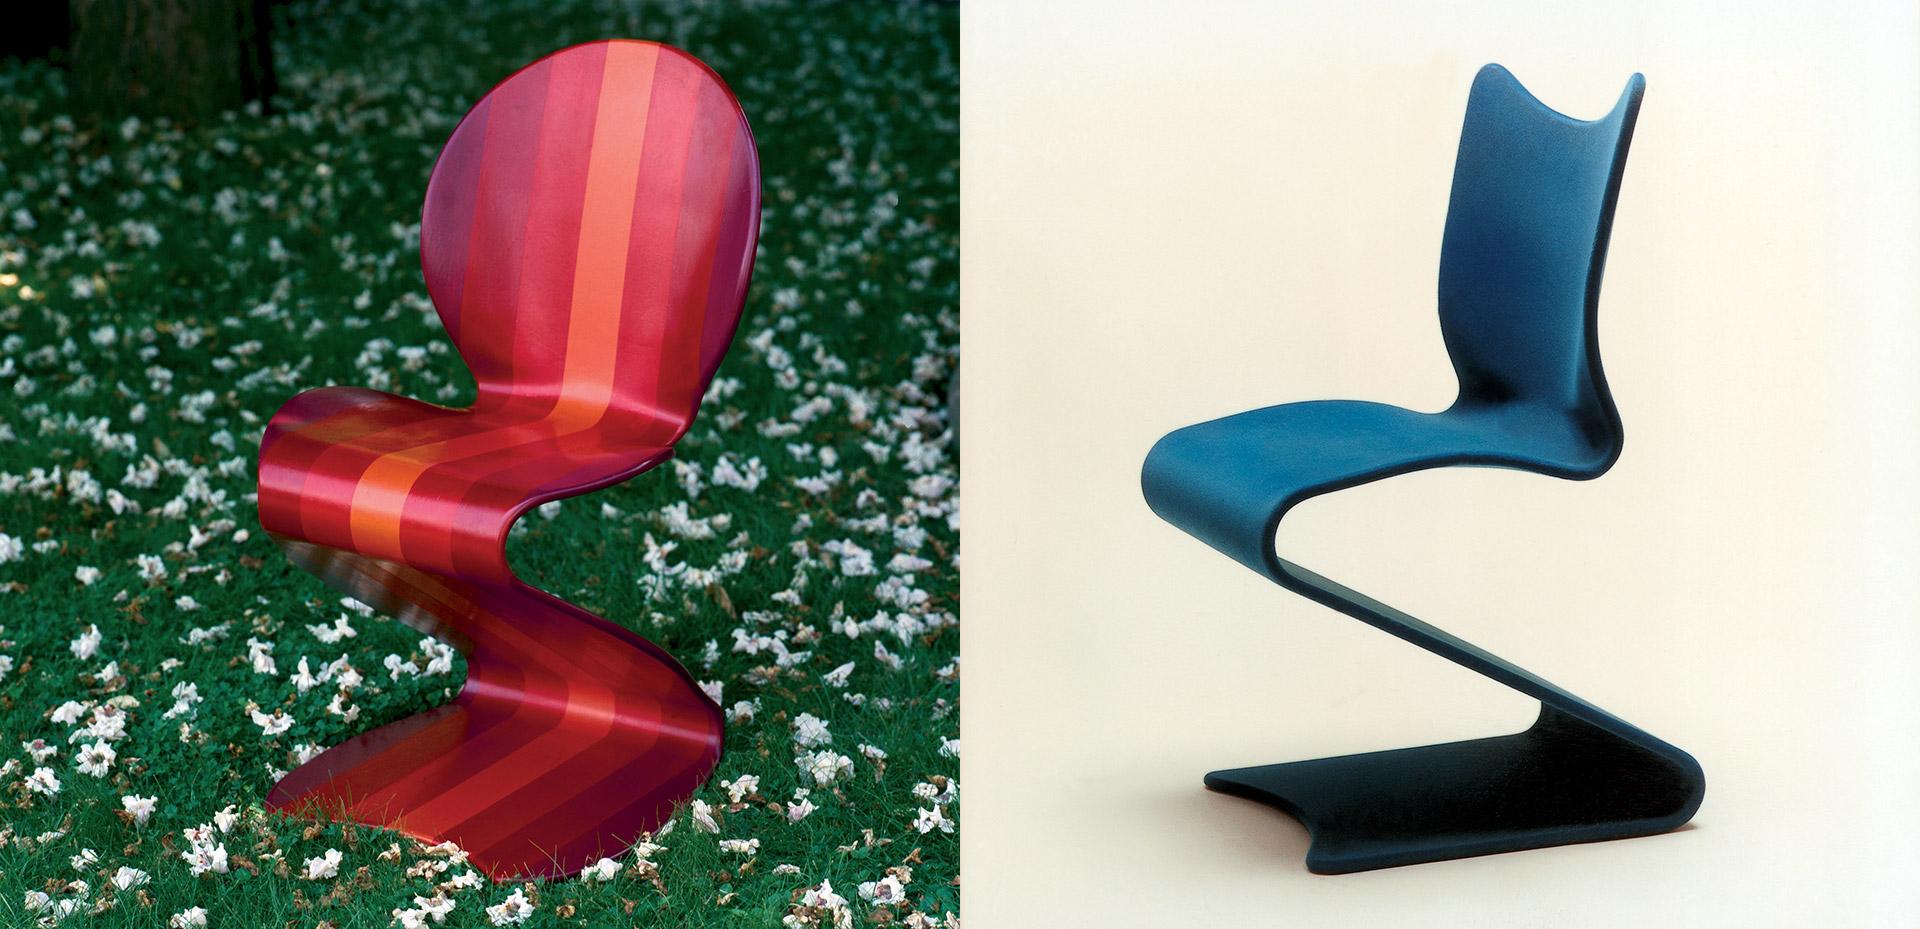 Židle S Chair: Model 275 a Model 276. © Panton Design